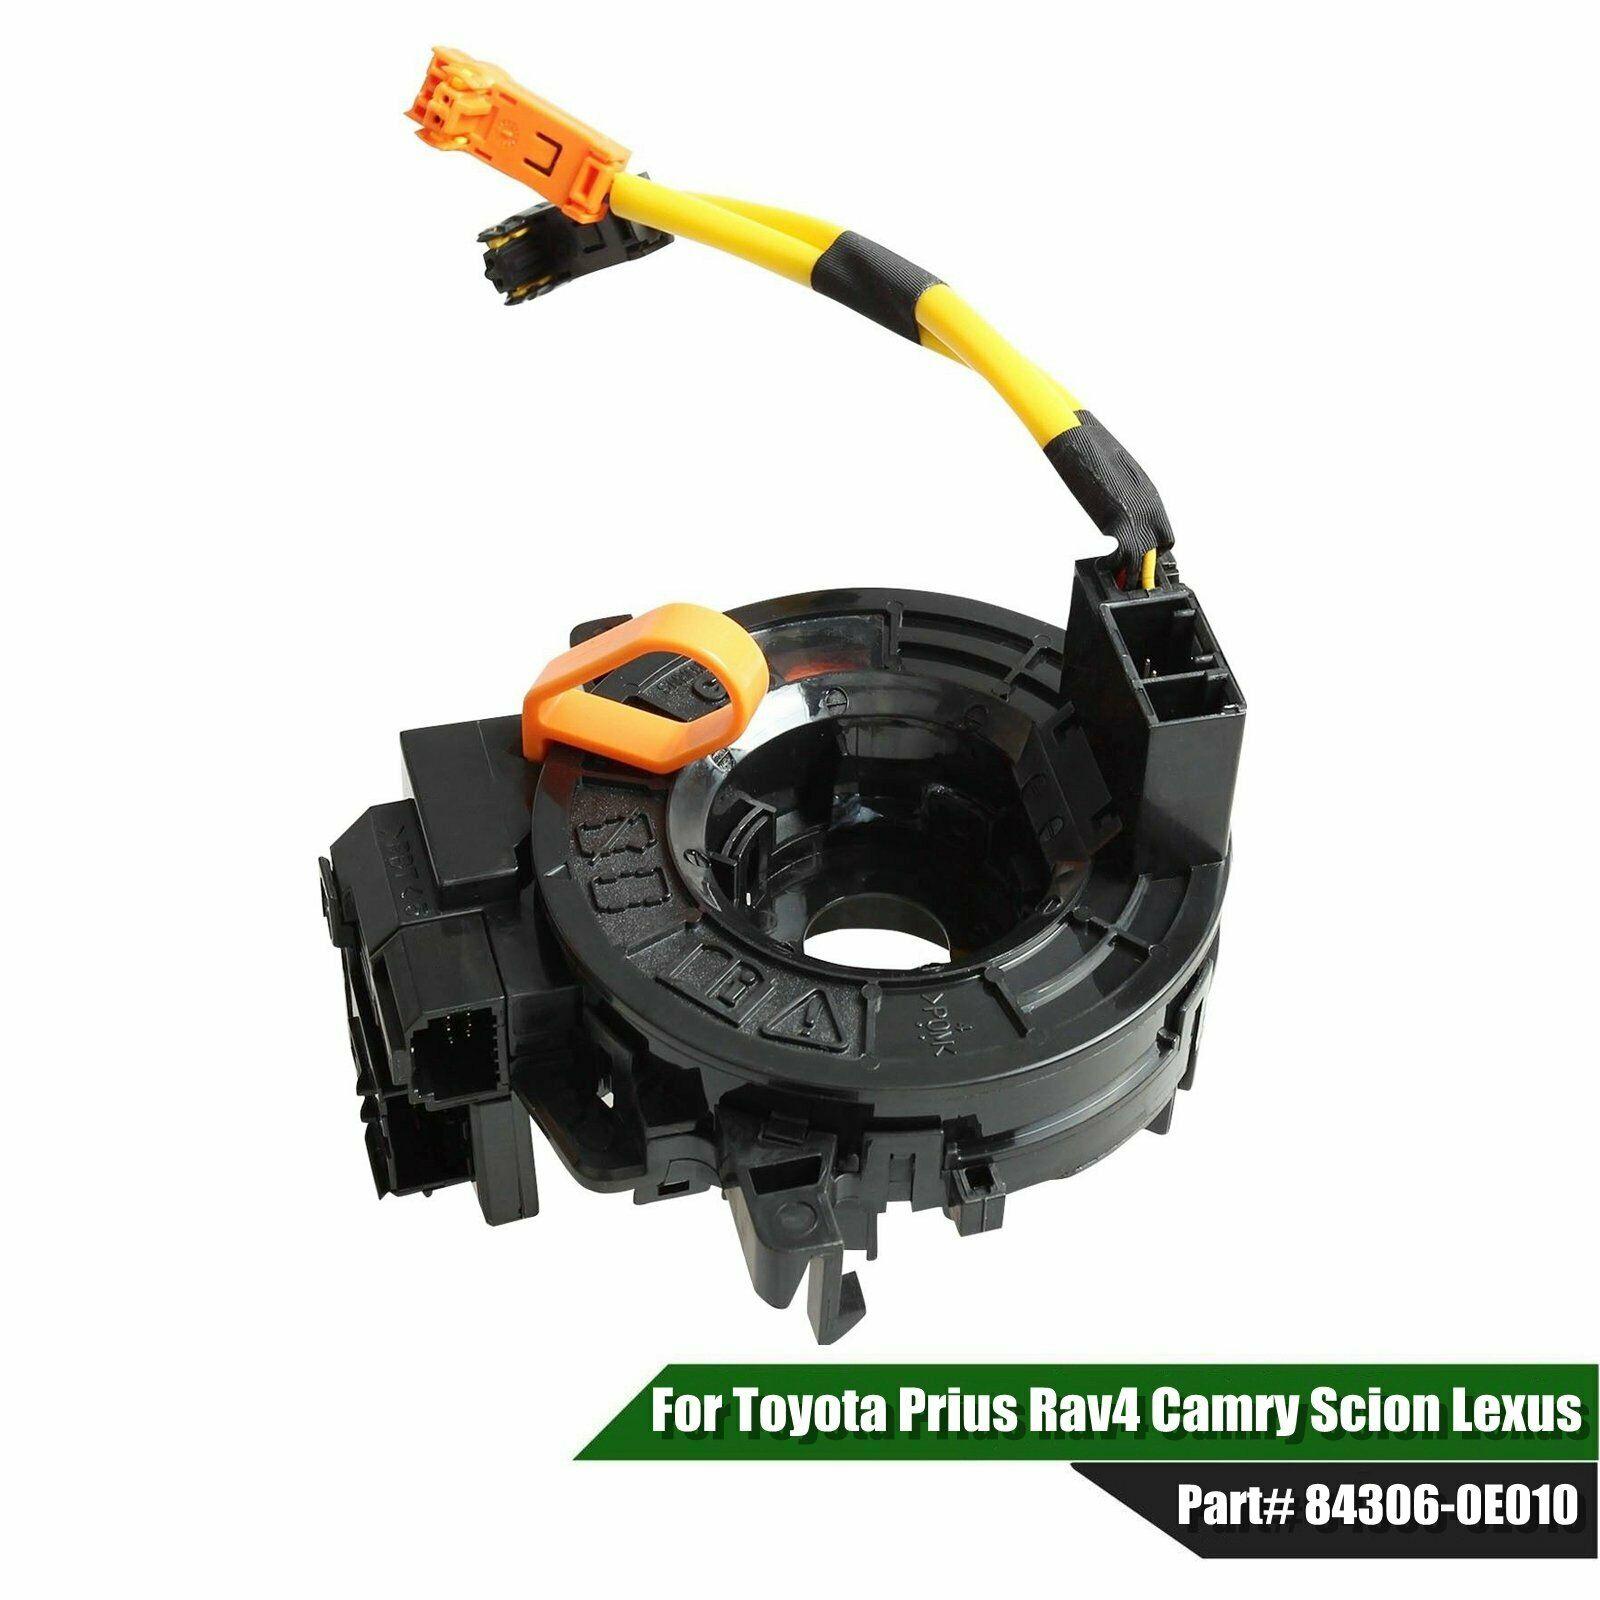 84306-0E010 Spirale Kabel Uhr Frühling Für Toyota Prius Rav4 Camry Scion Lexus